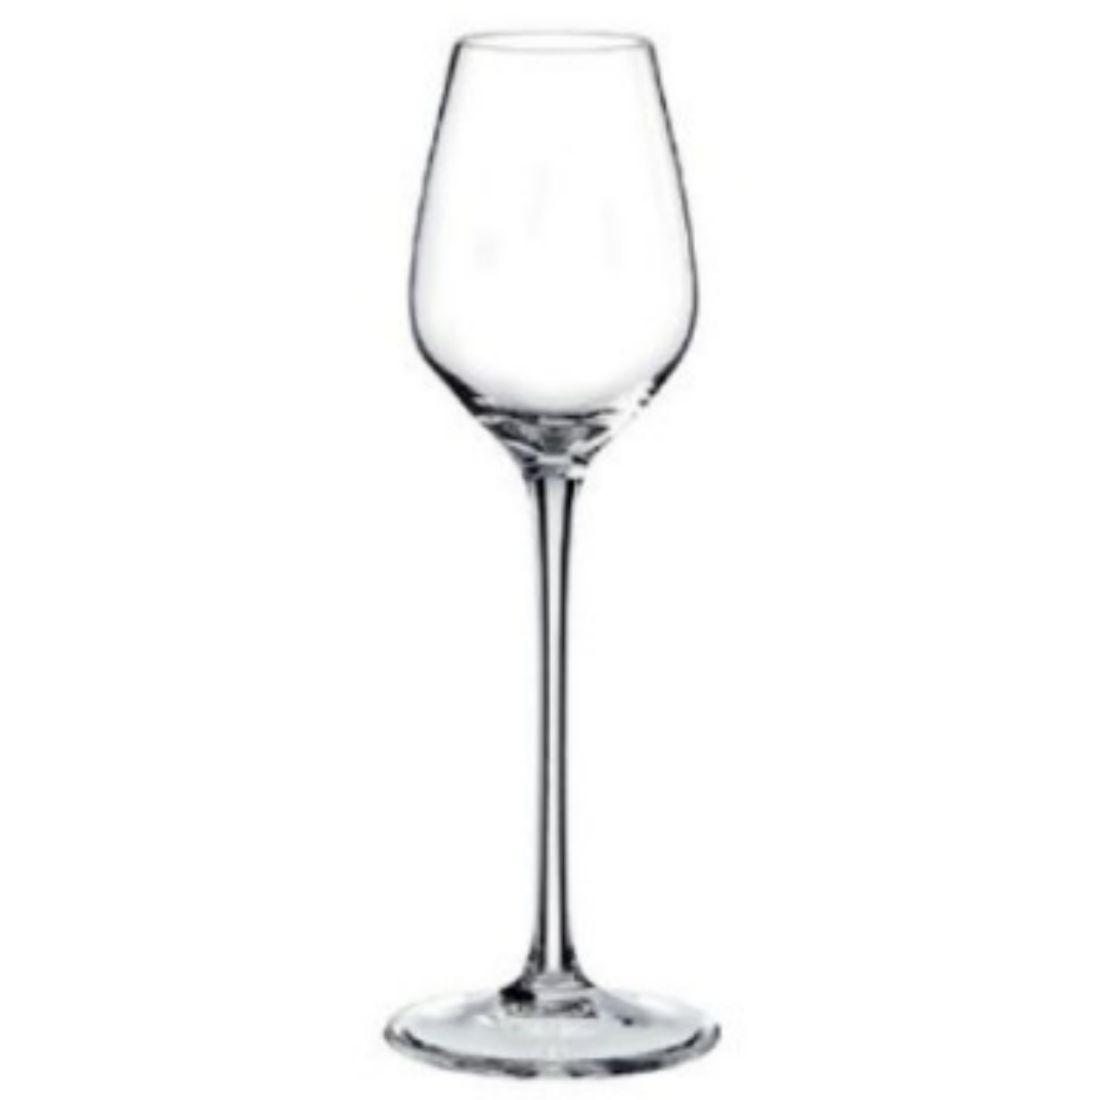 RONA | sklenice Celebration likér 9,5 cl